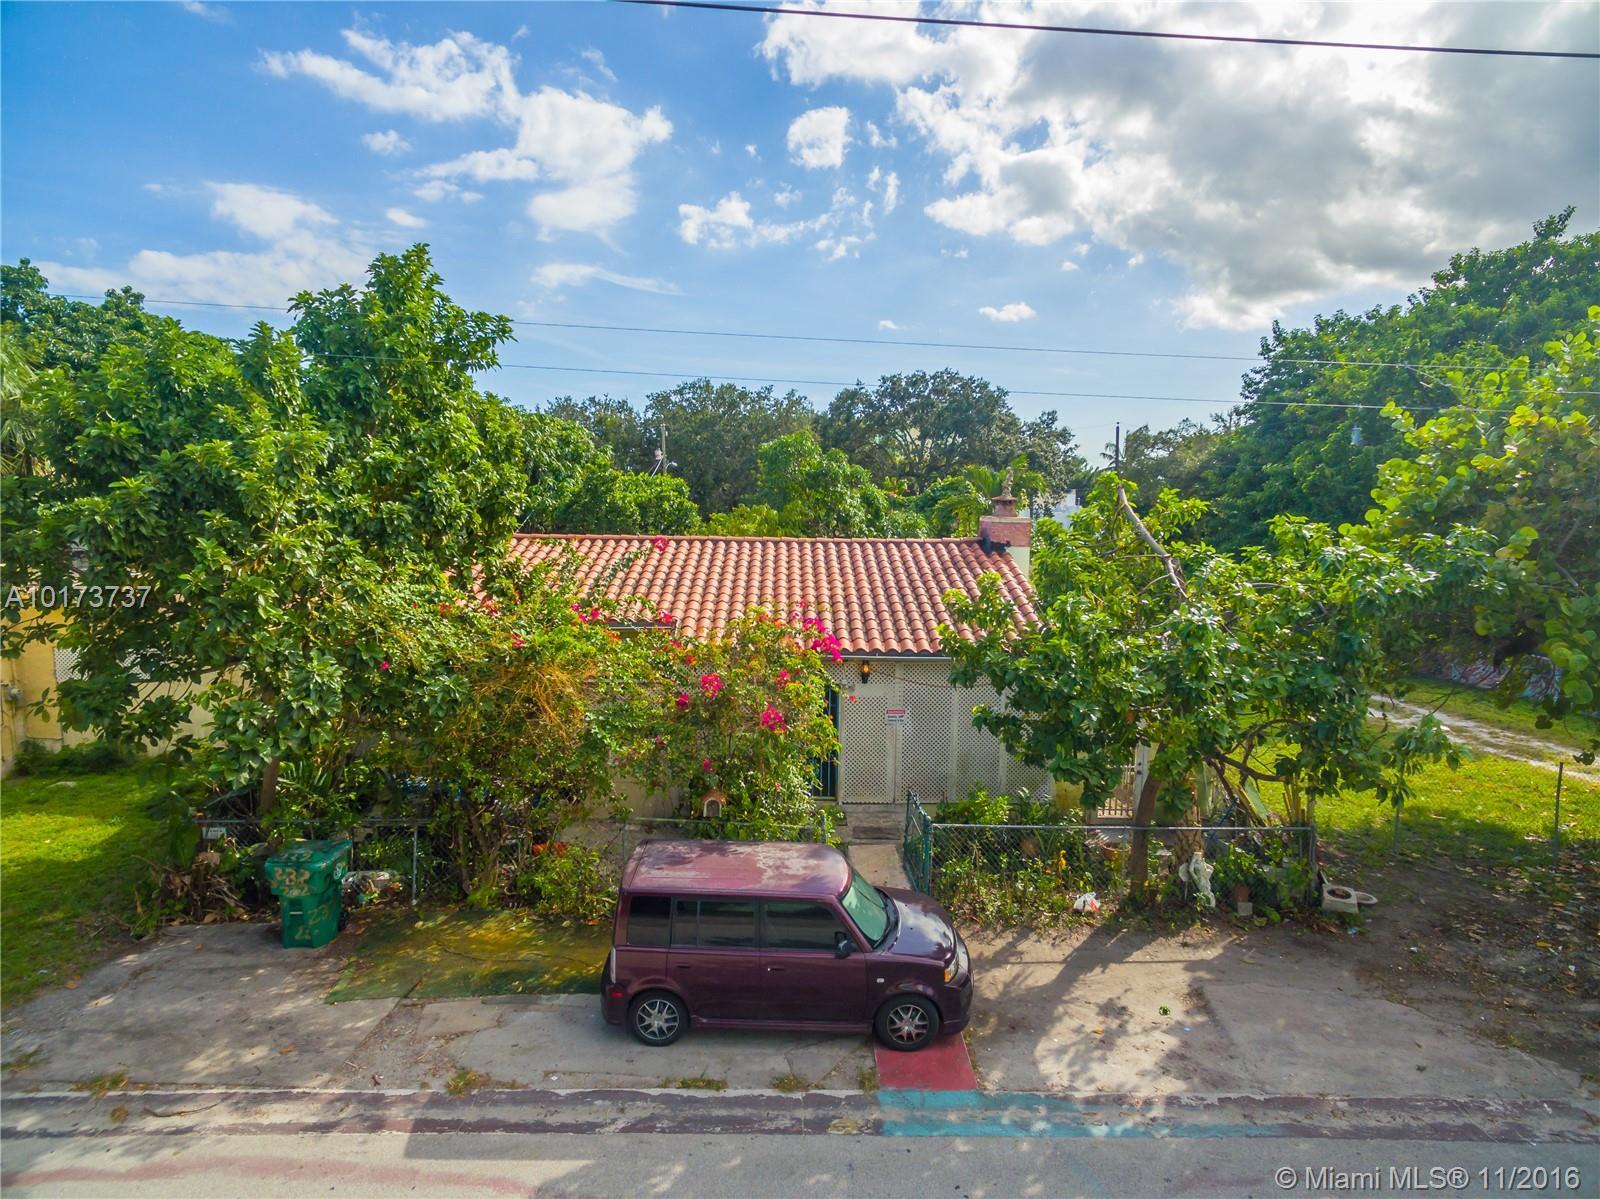 232 NW 75th St - Miami, Florida